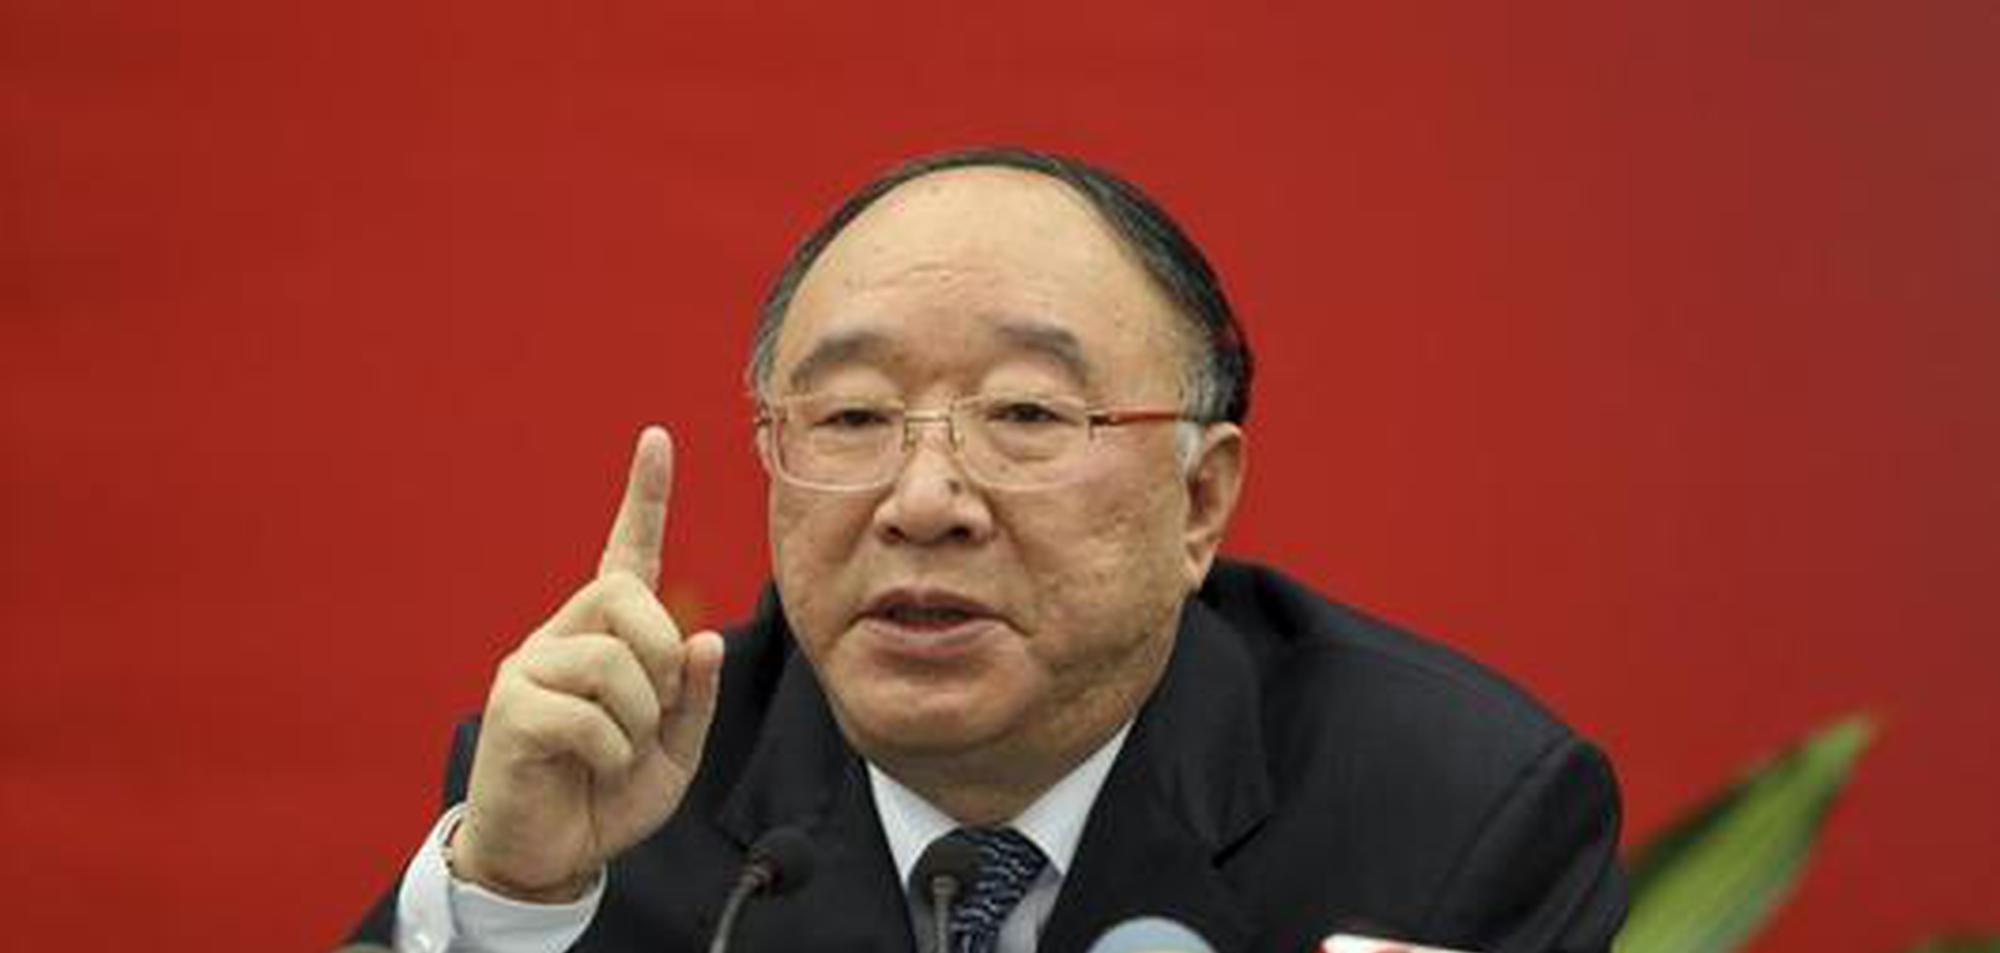 辽宁首家省级国资运营公司揭牌:向资本监管为主转变